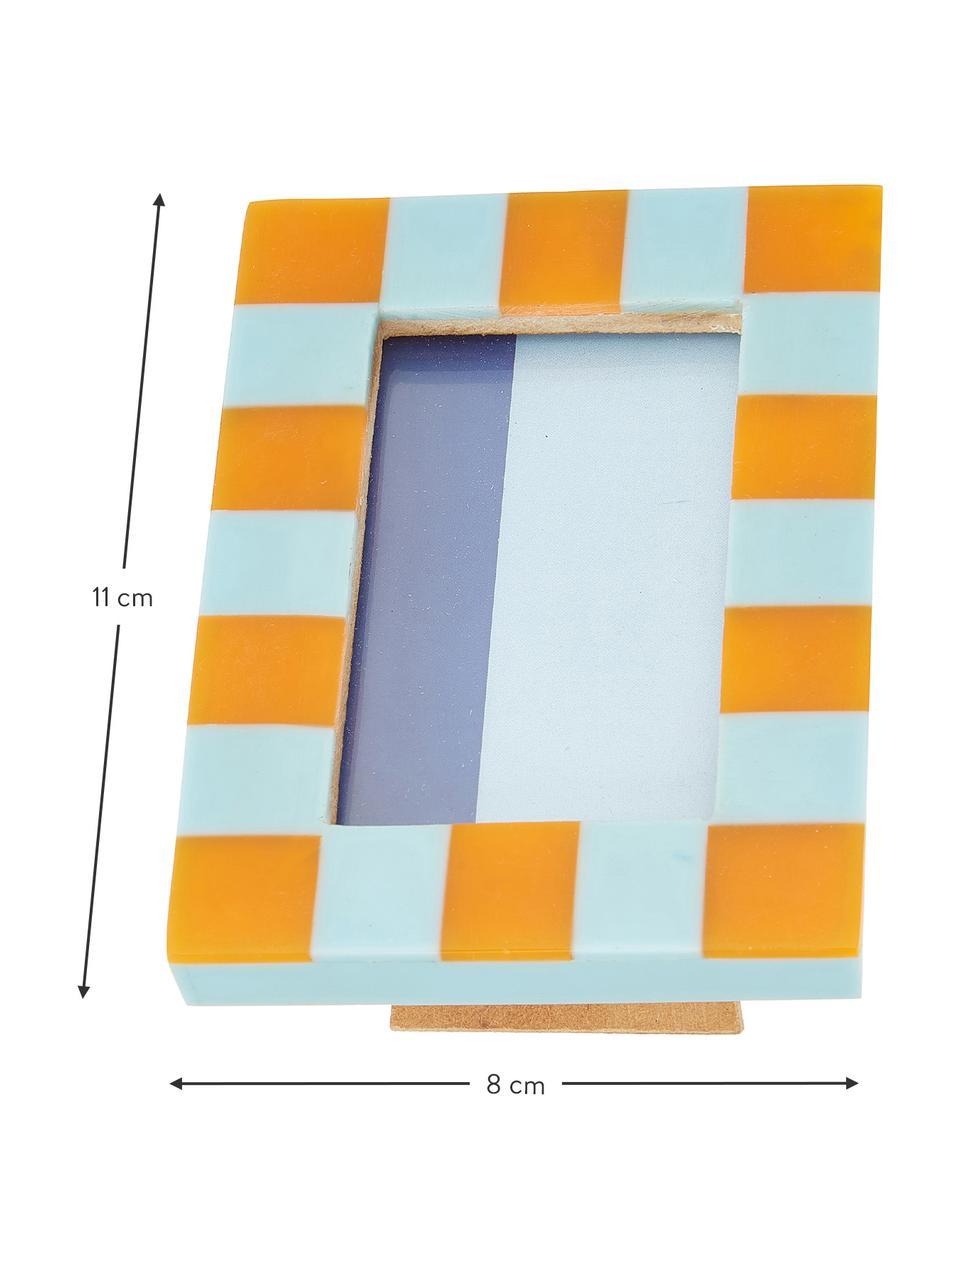 Bilderrahmen Check, Polyresin, Mitteldichte Holzfaserplatte (MDF), Blau, Orange, 8 x 11 cm